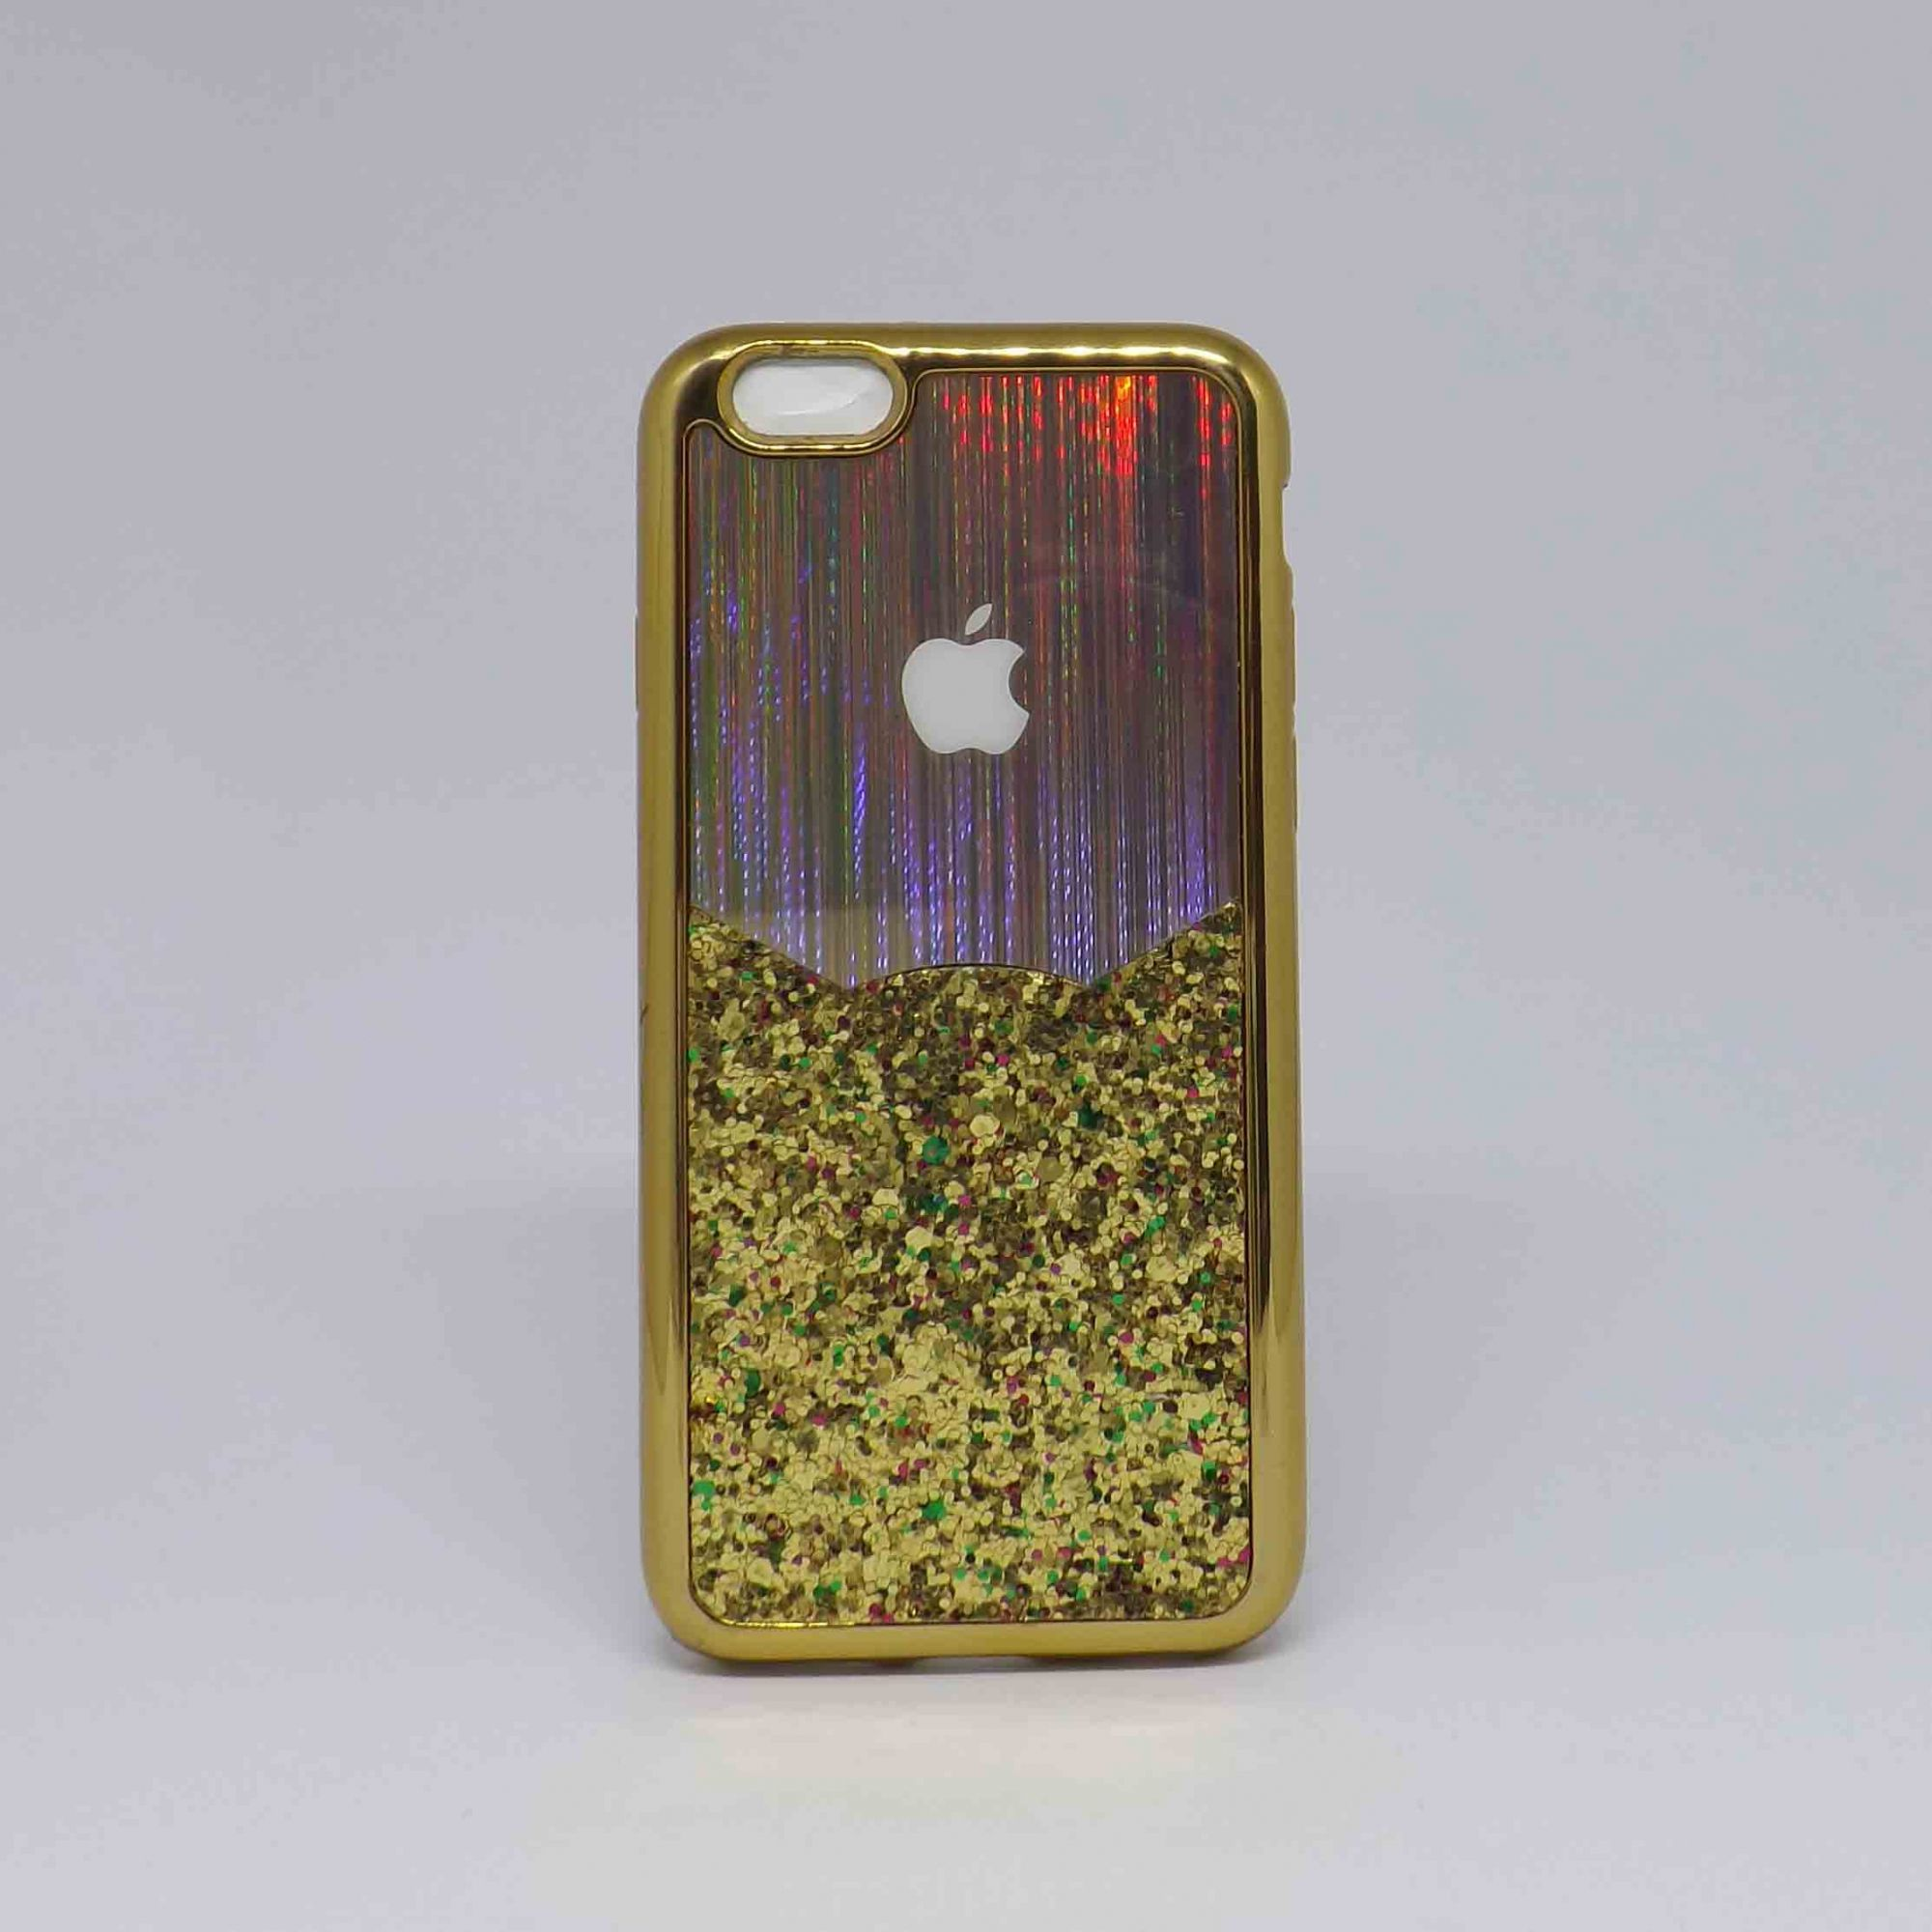 Capa iPhone 6s Brilho Estampado